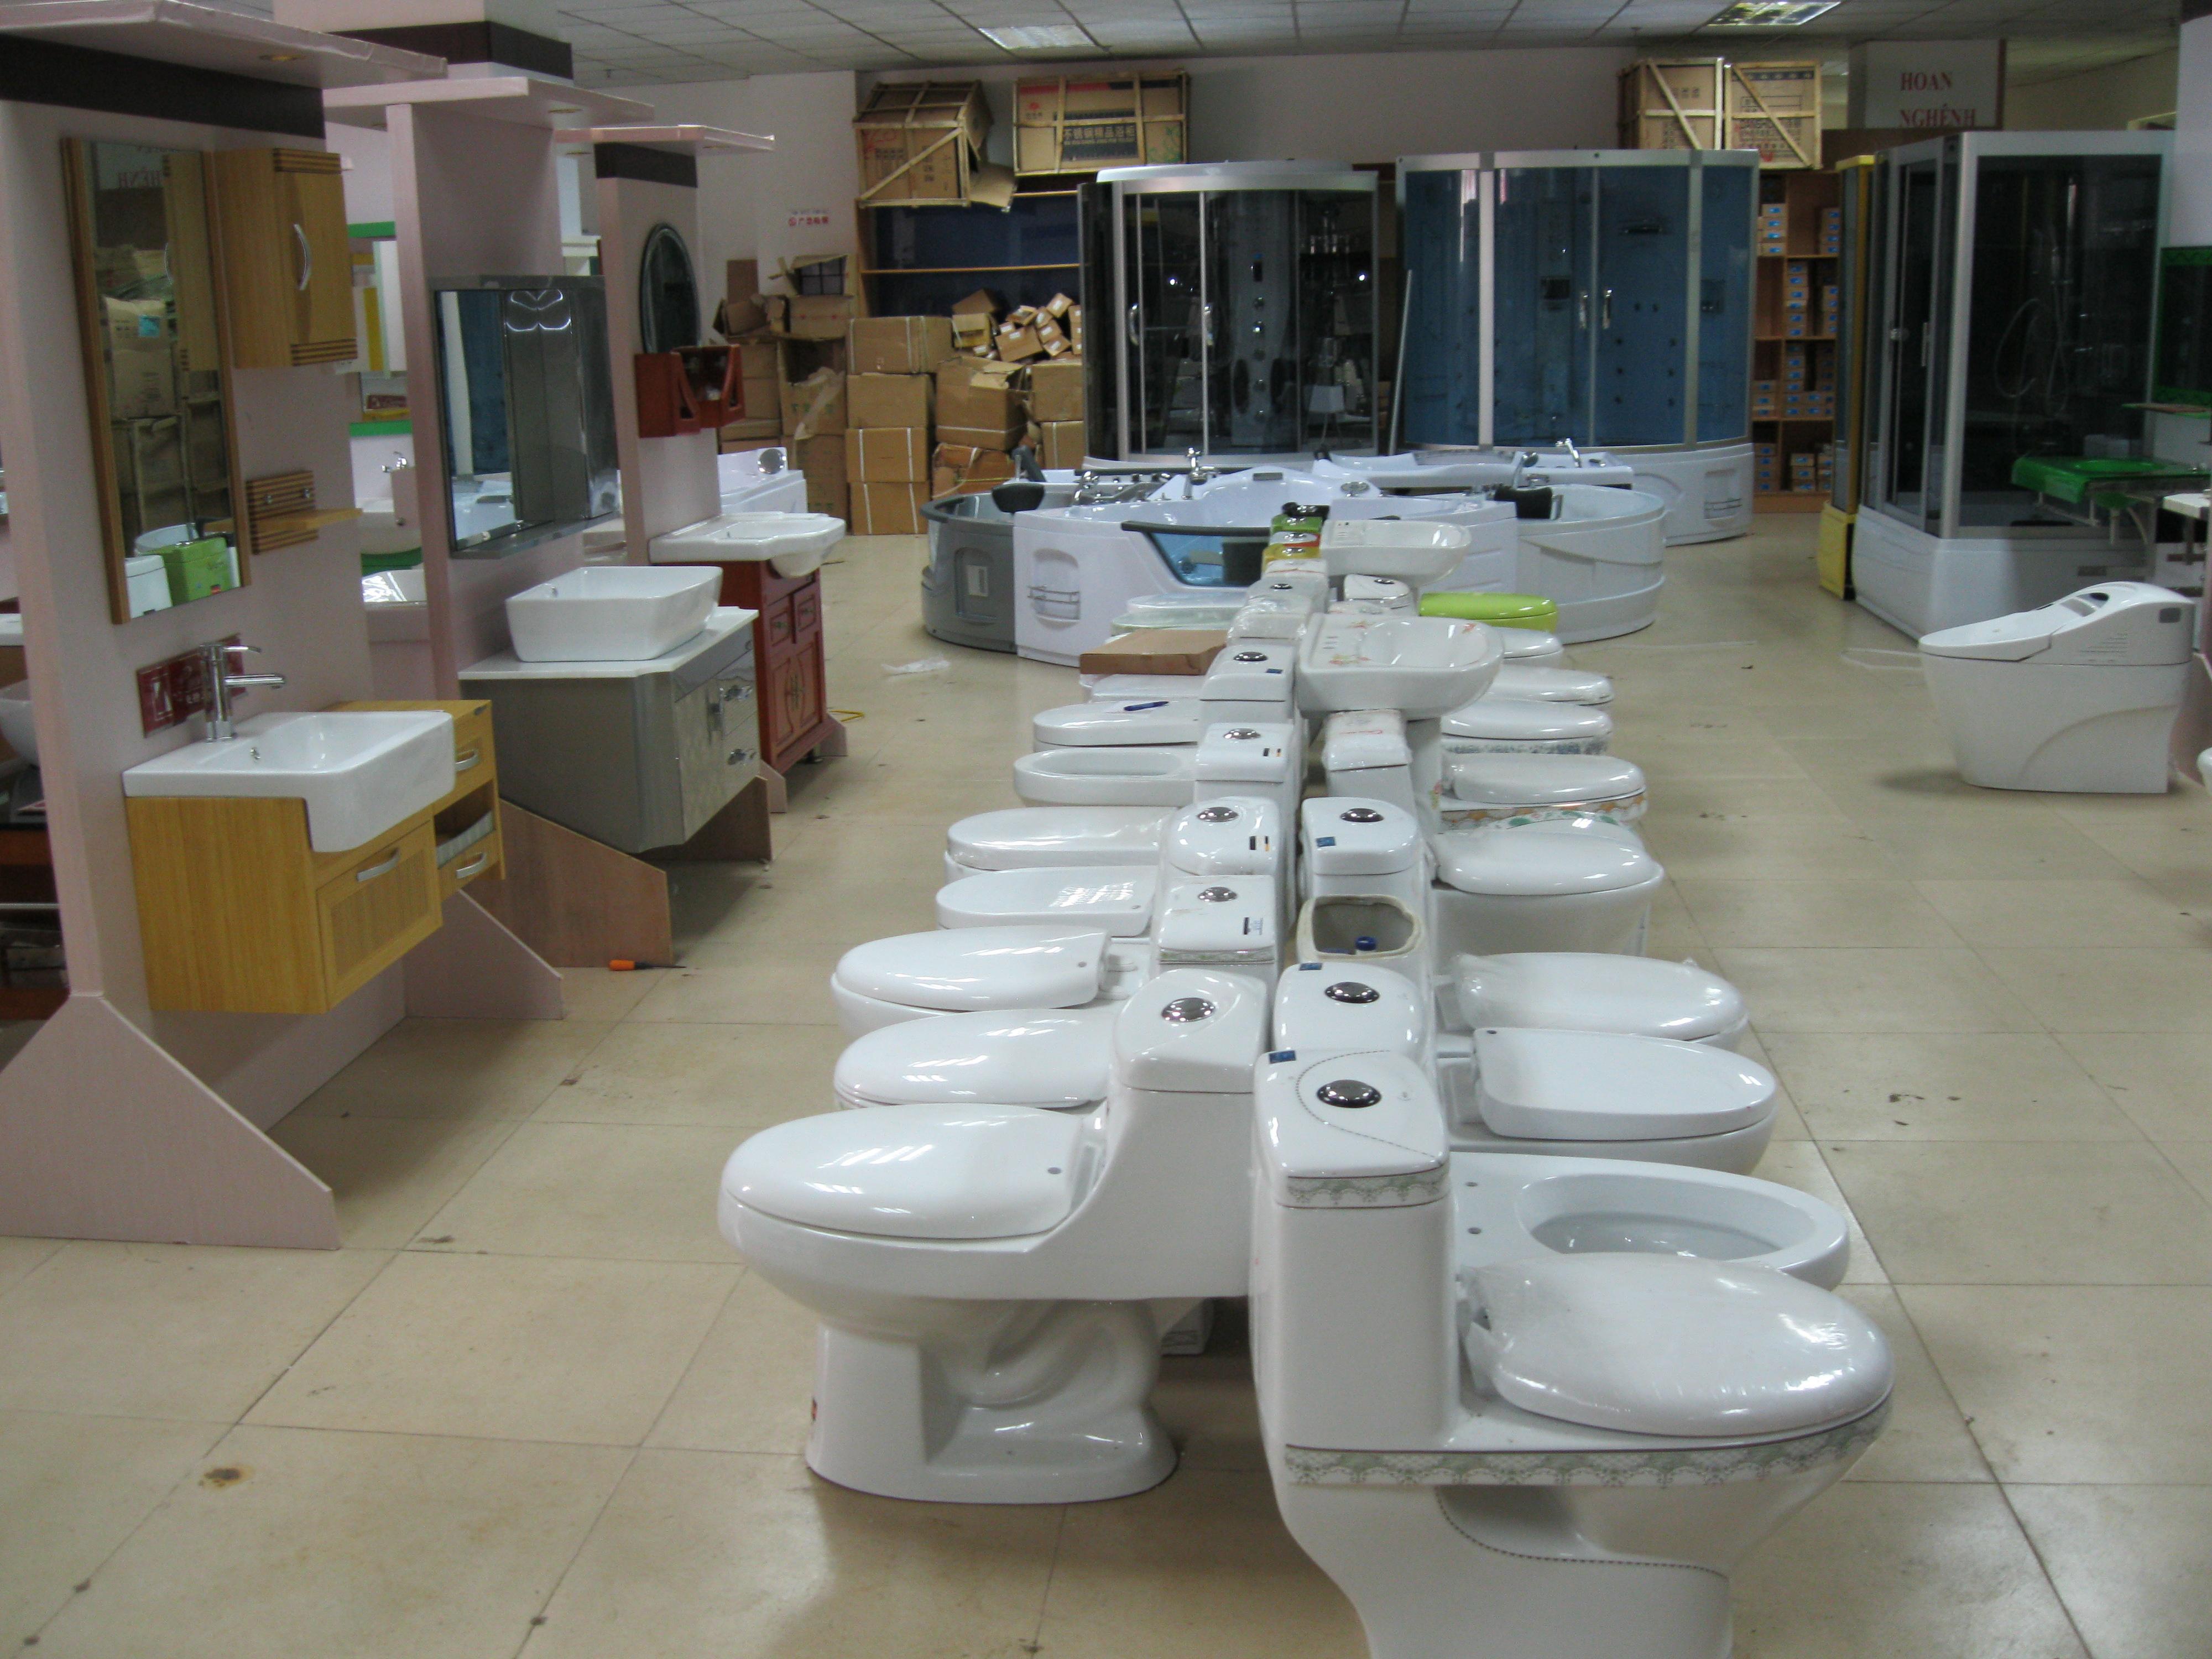 Bồn cầu caeser- thiết bị vệ sinh tiết kiệm nước hiệu quả